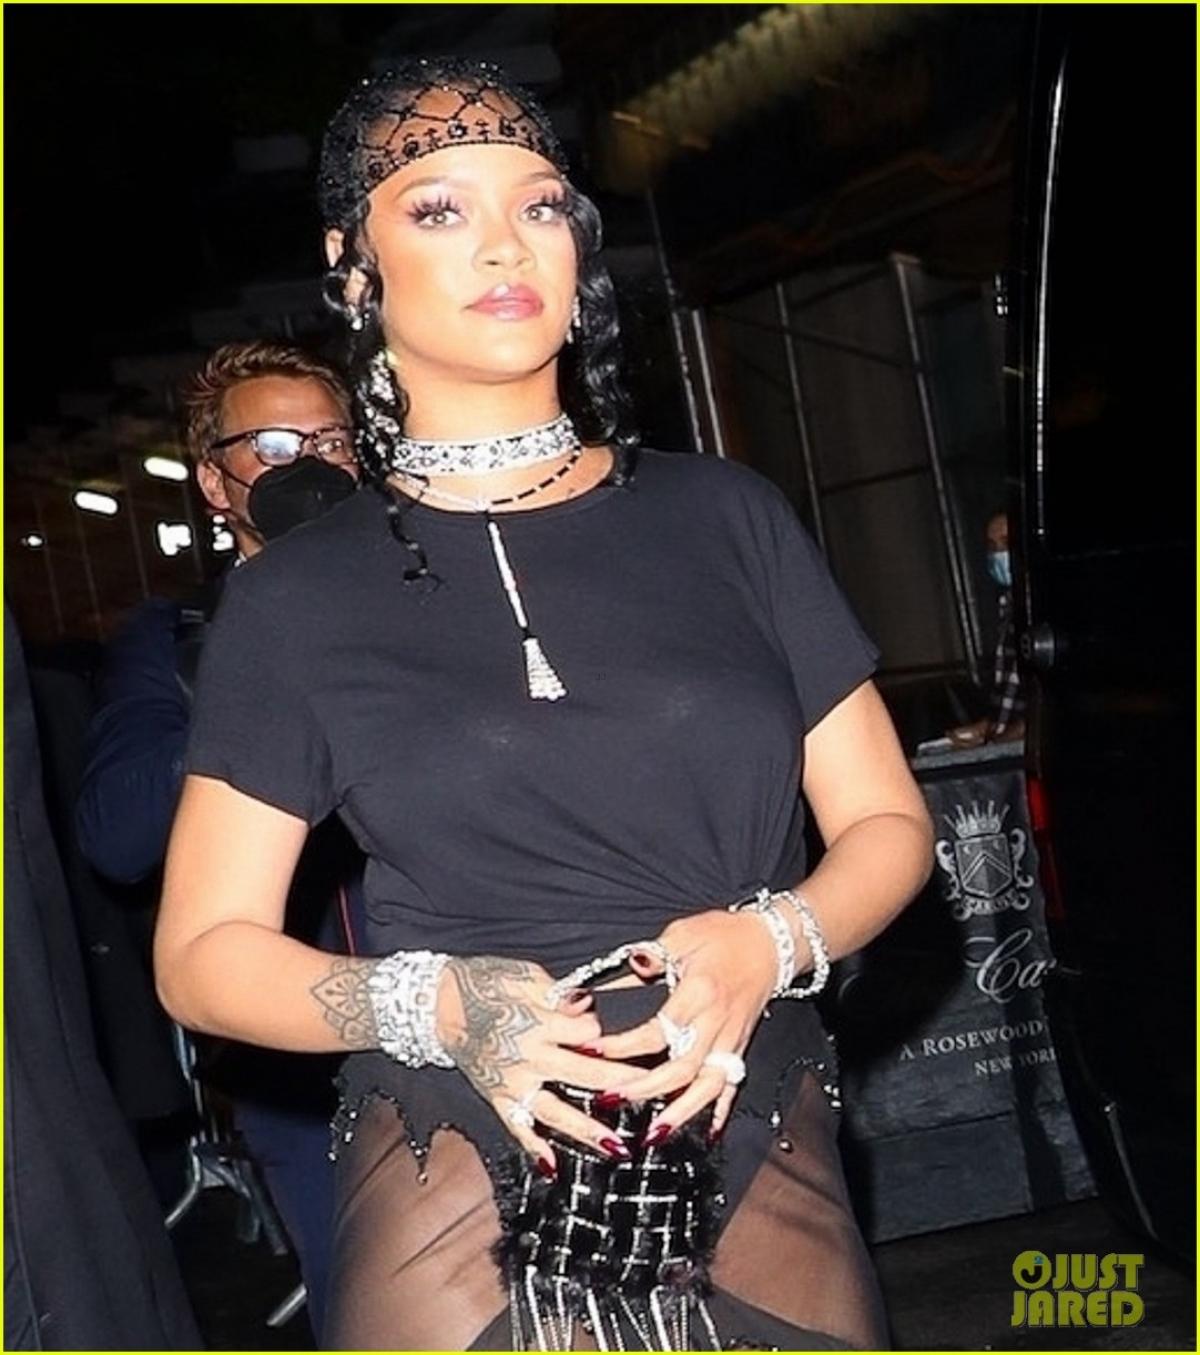 Ngoài thu nhập kiếm được từ ca hát, tour diễn và loạt bài hát hit đứng đầu các BXH âm nhạc trong những năm qua, thì phần lớn tài sản của cô đến từ thương hiệu mỹ phẩm Fenty Beauty./.